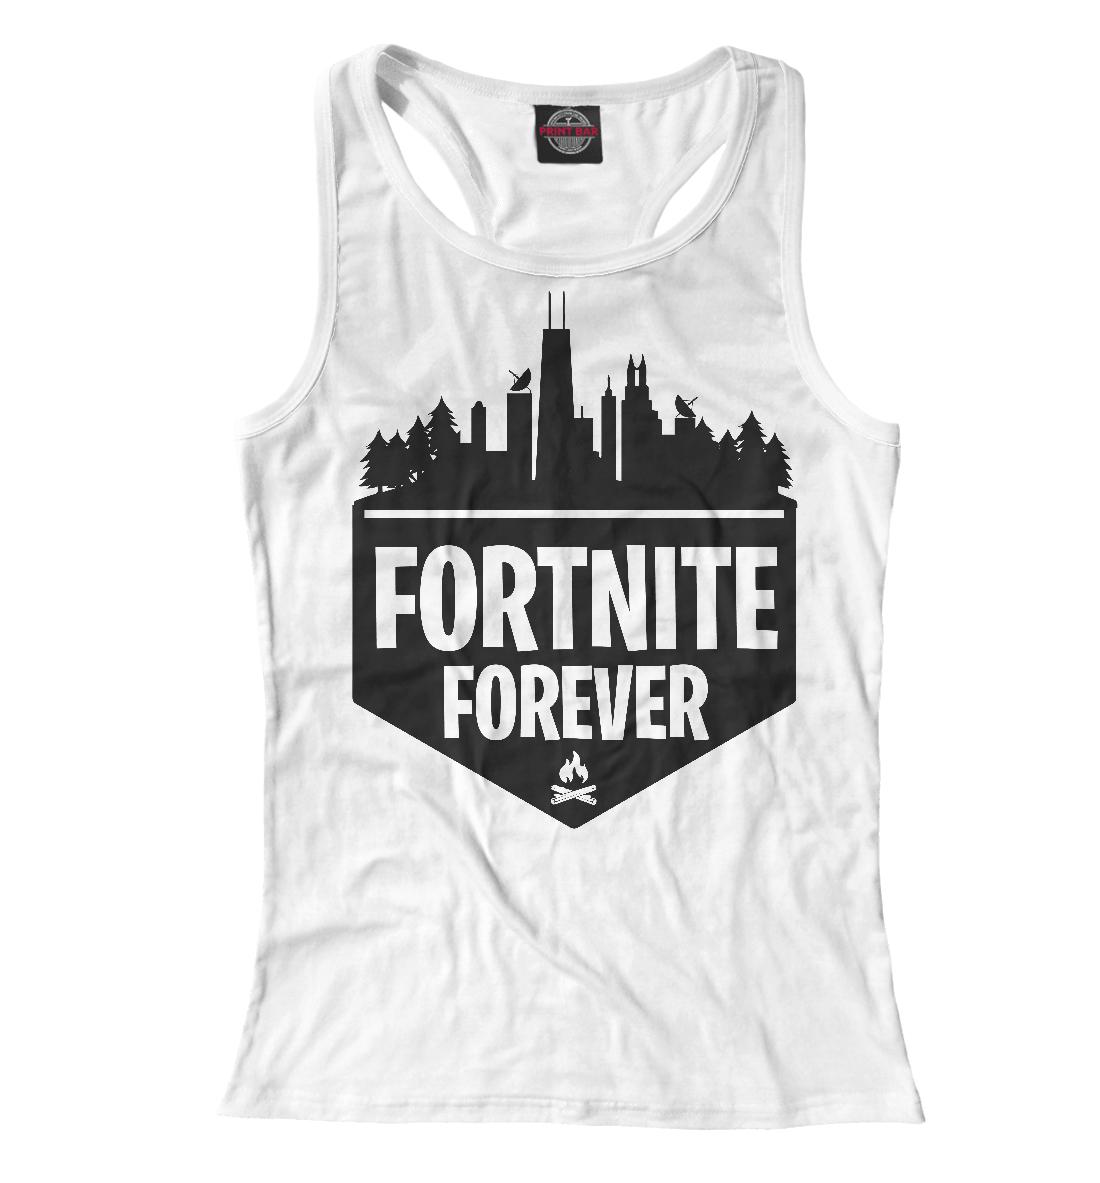 Купить Fortnite Forever, Printbar, Майки борцовки, RPG-289265-mayb-1